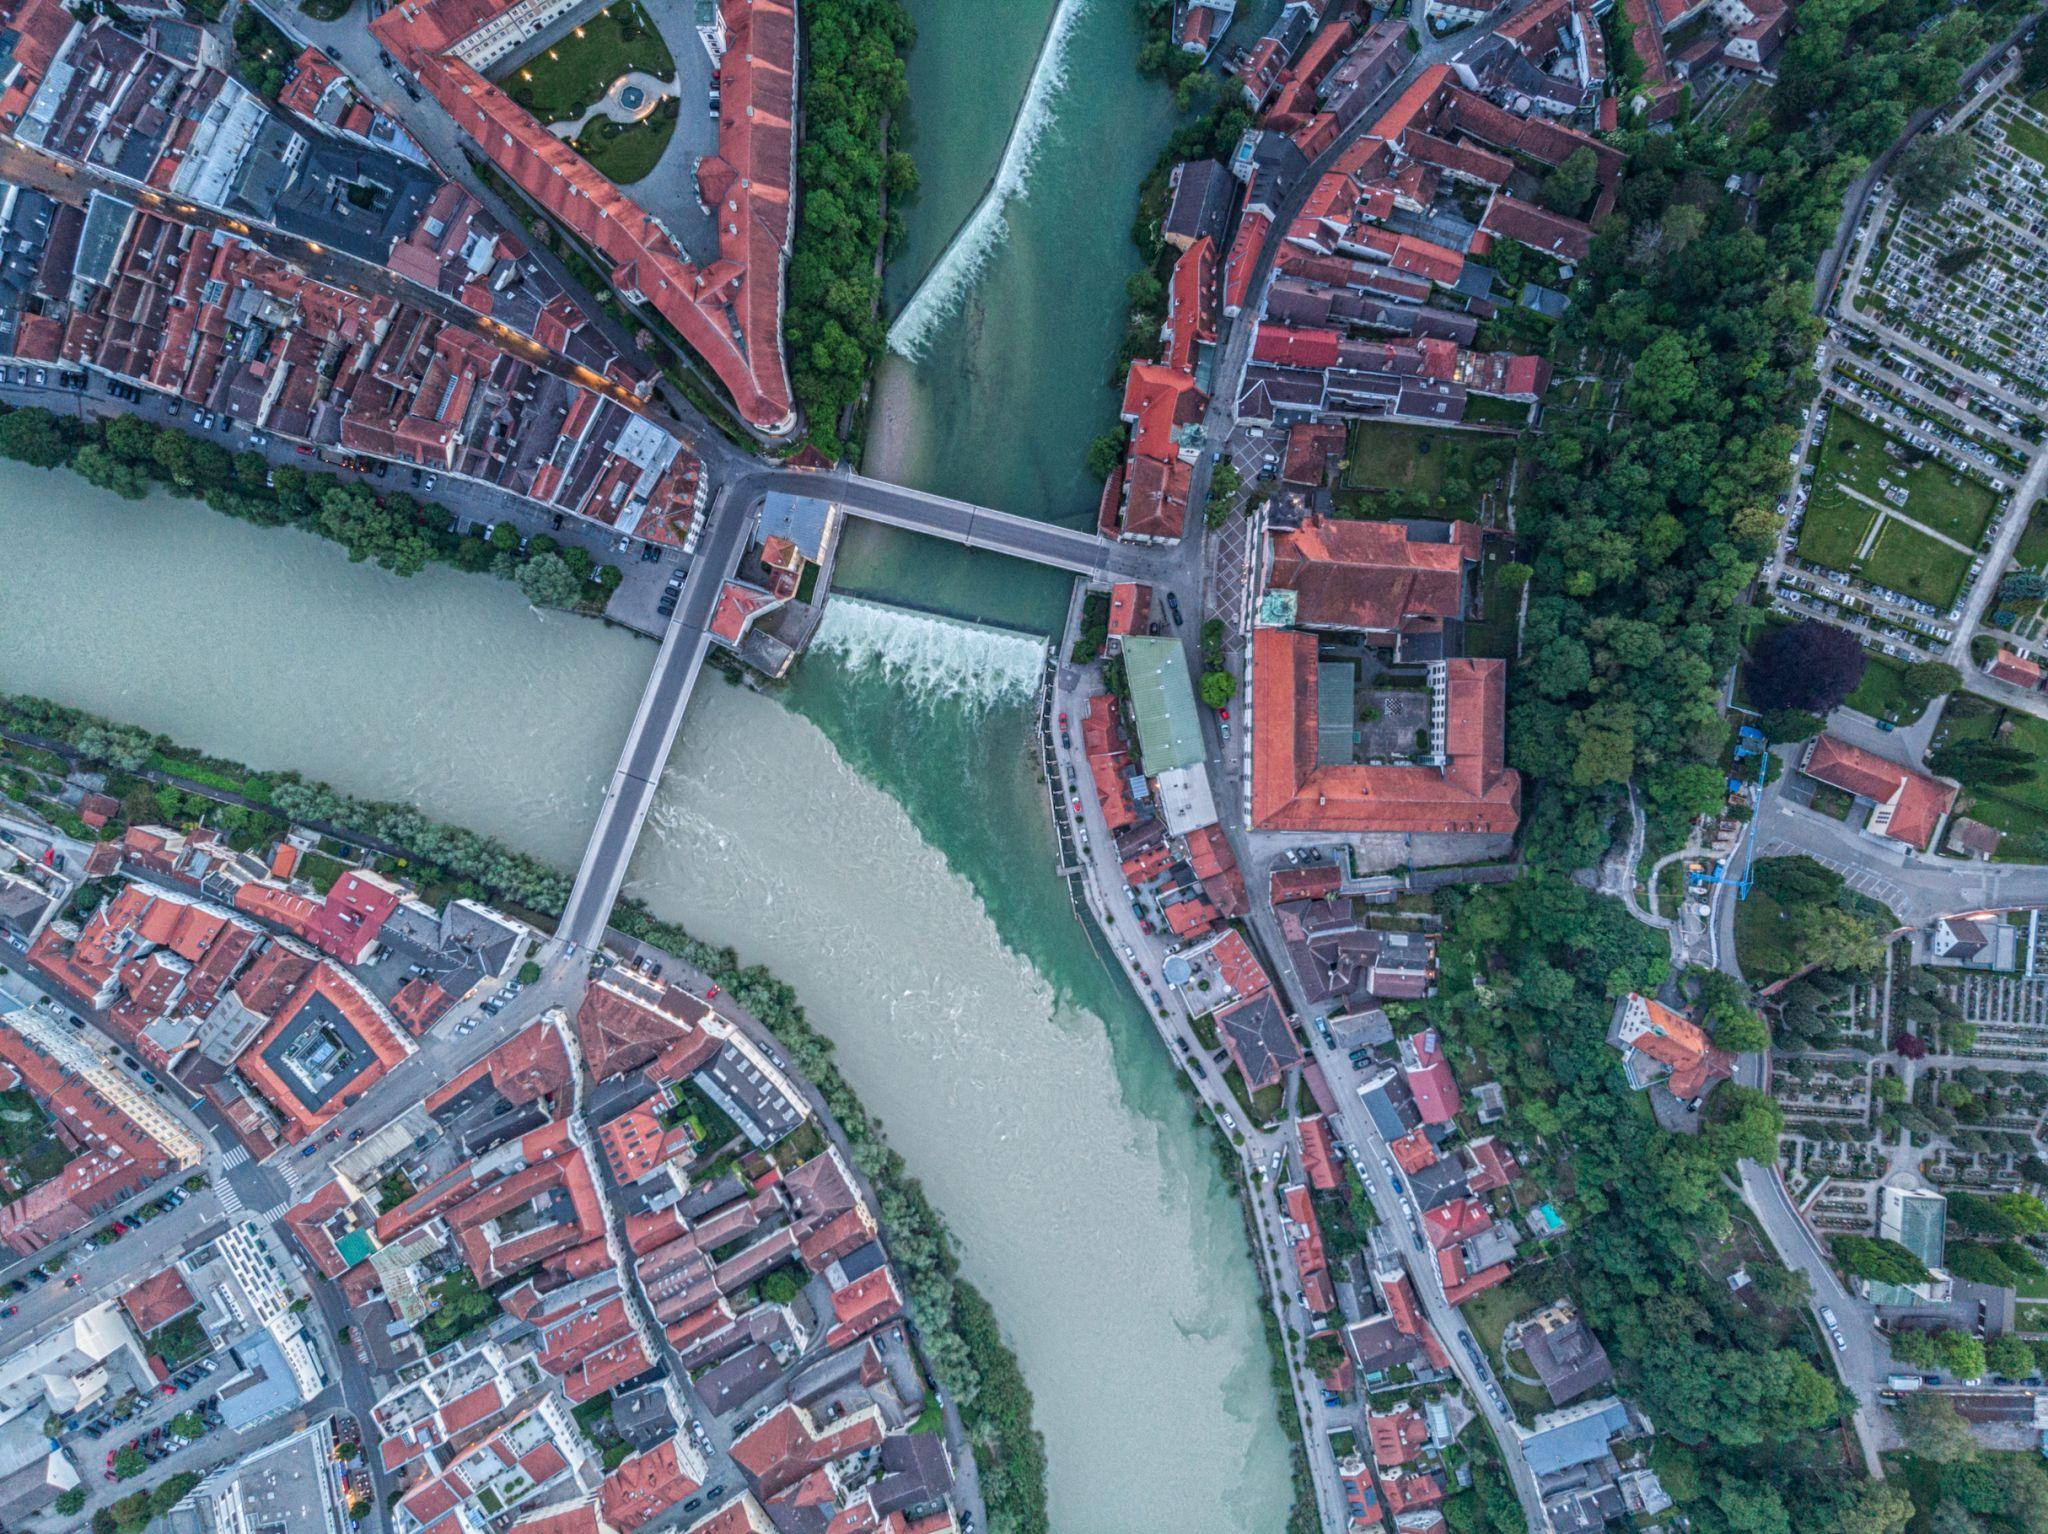 The 'Y' of Steyr, Austria